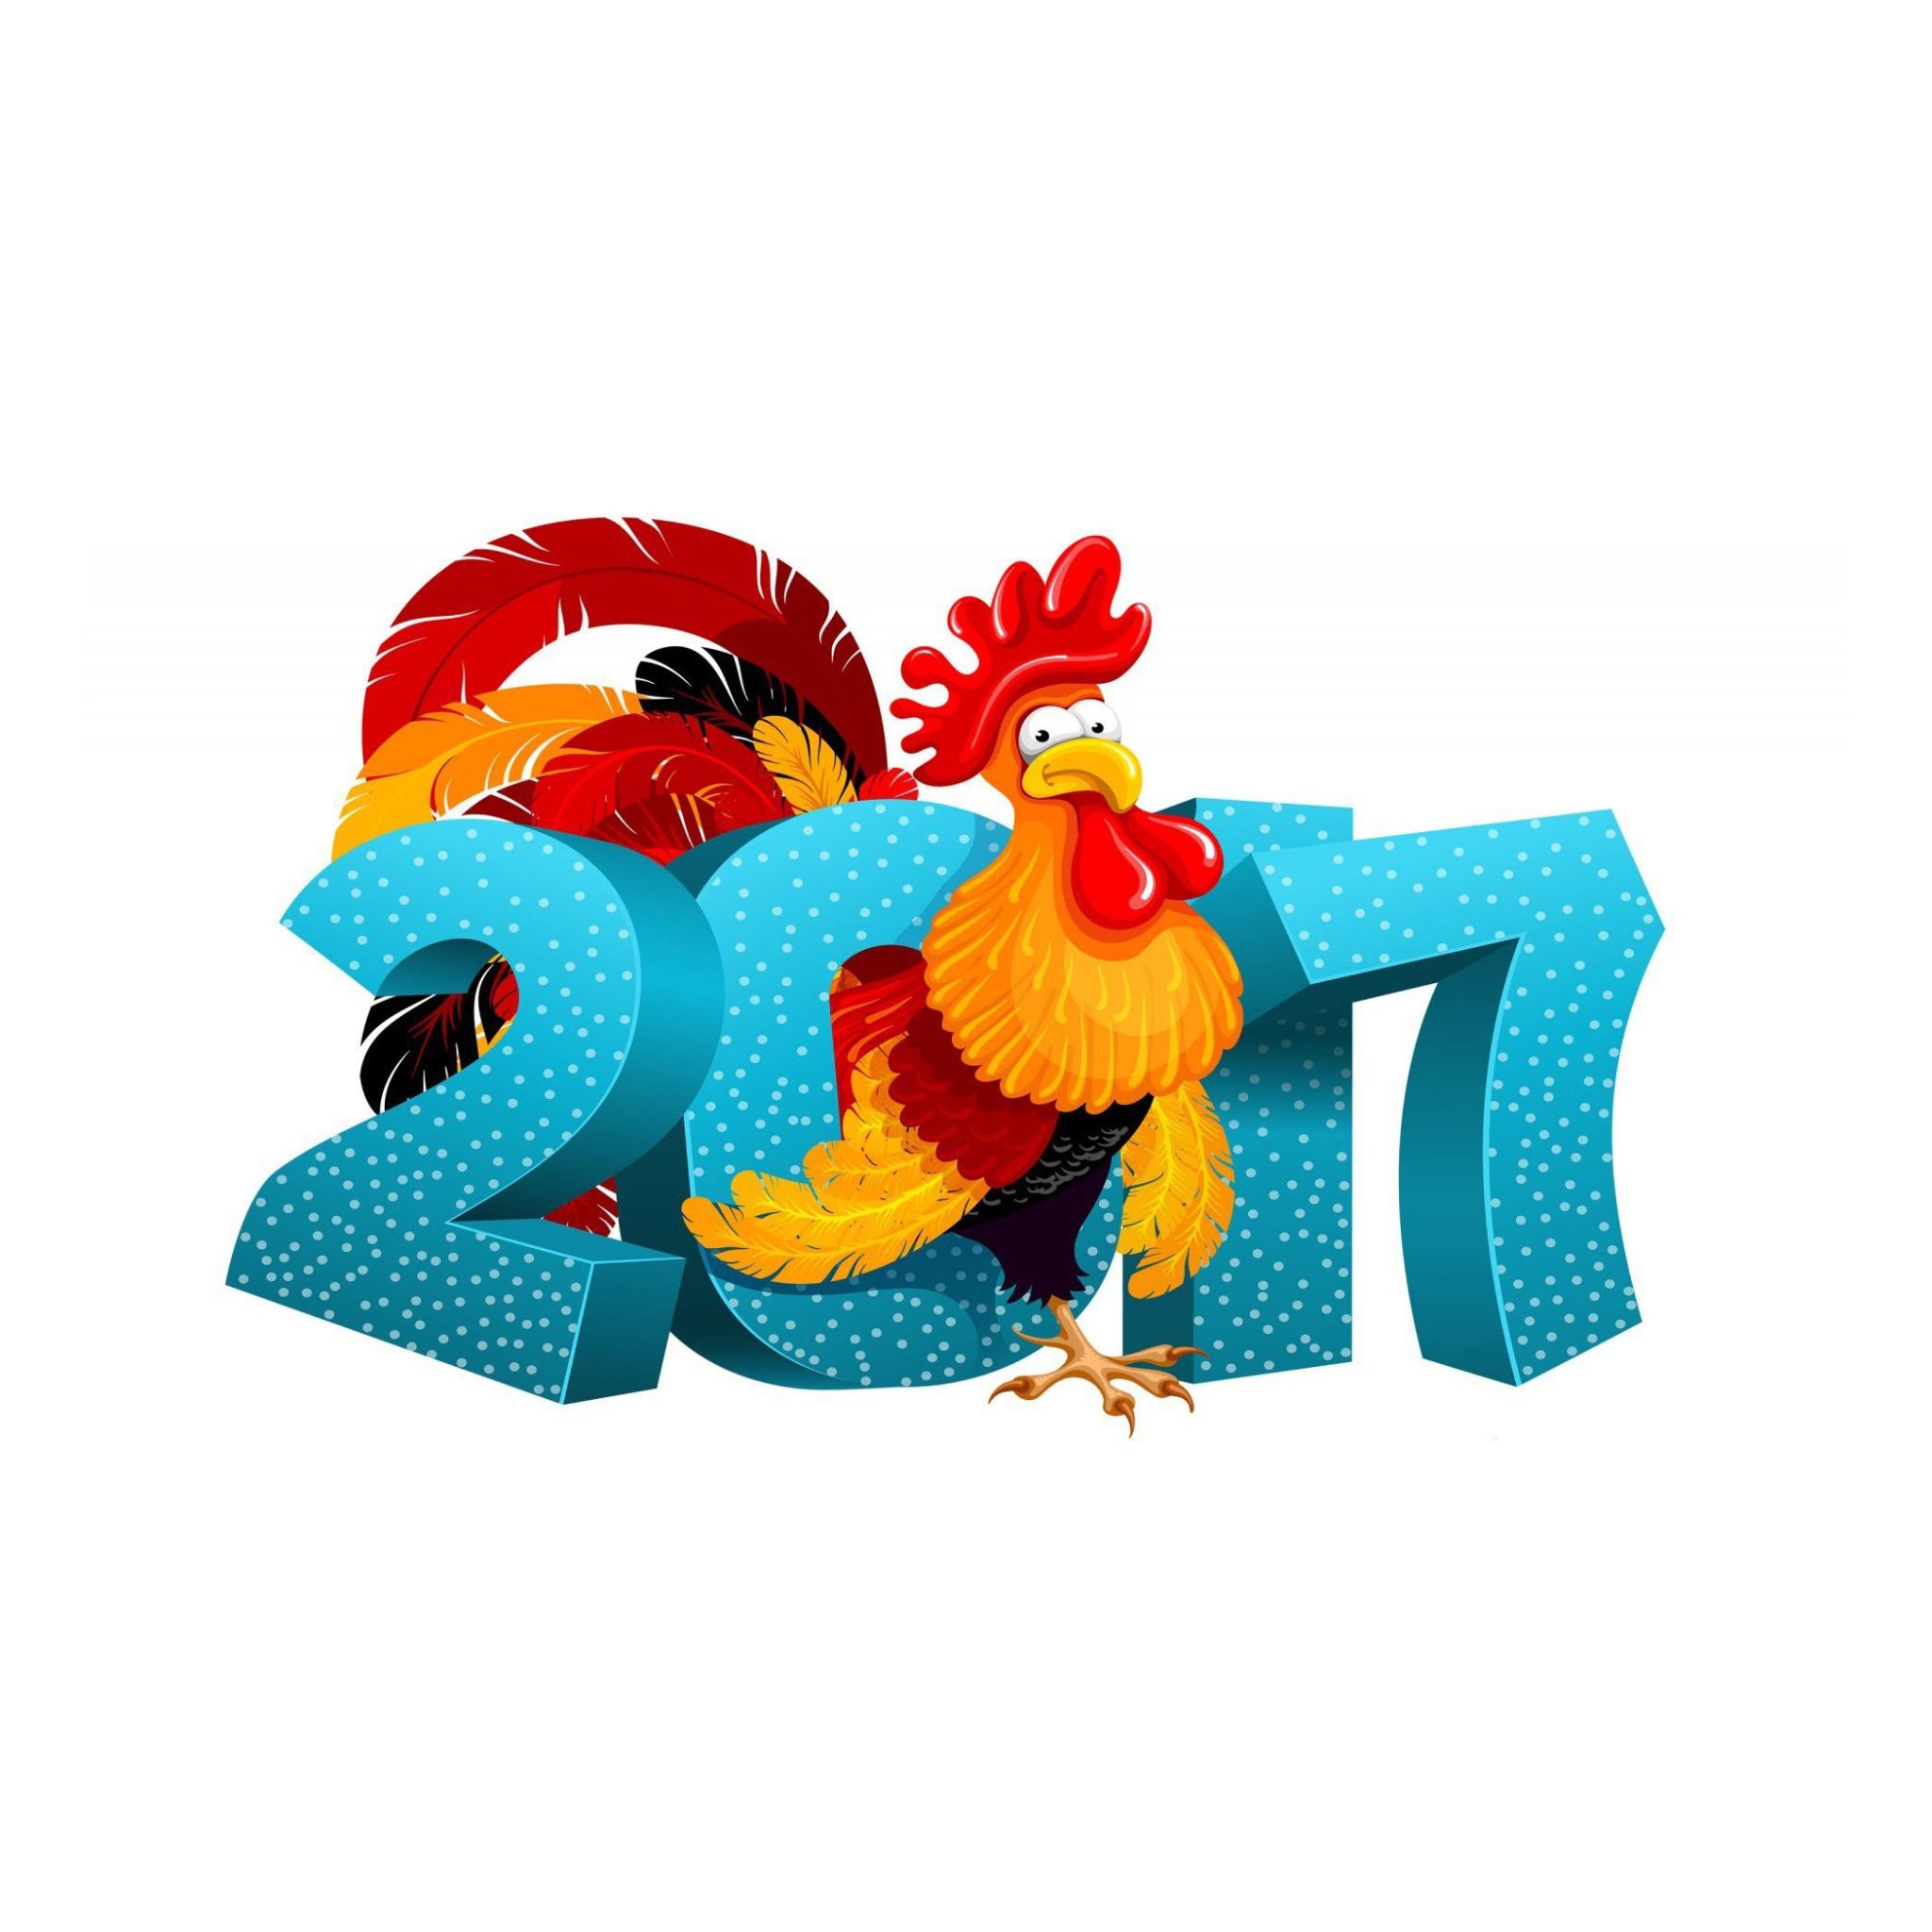 Новый год 2017 открытки